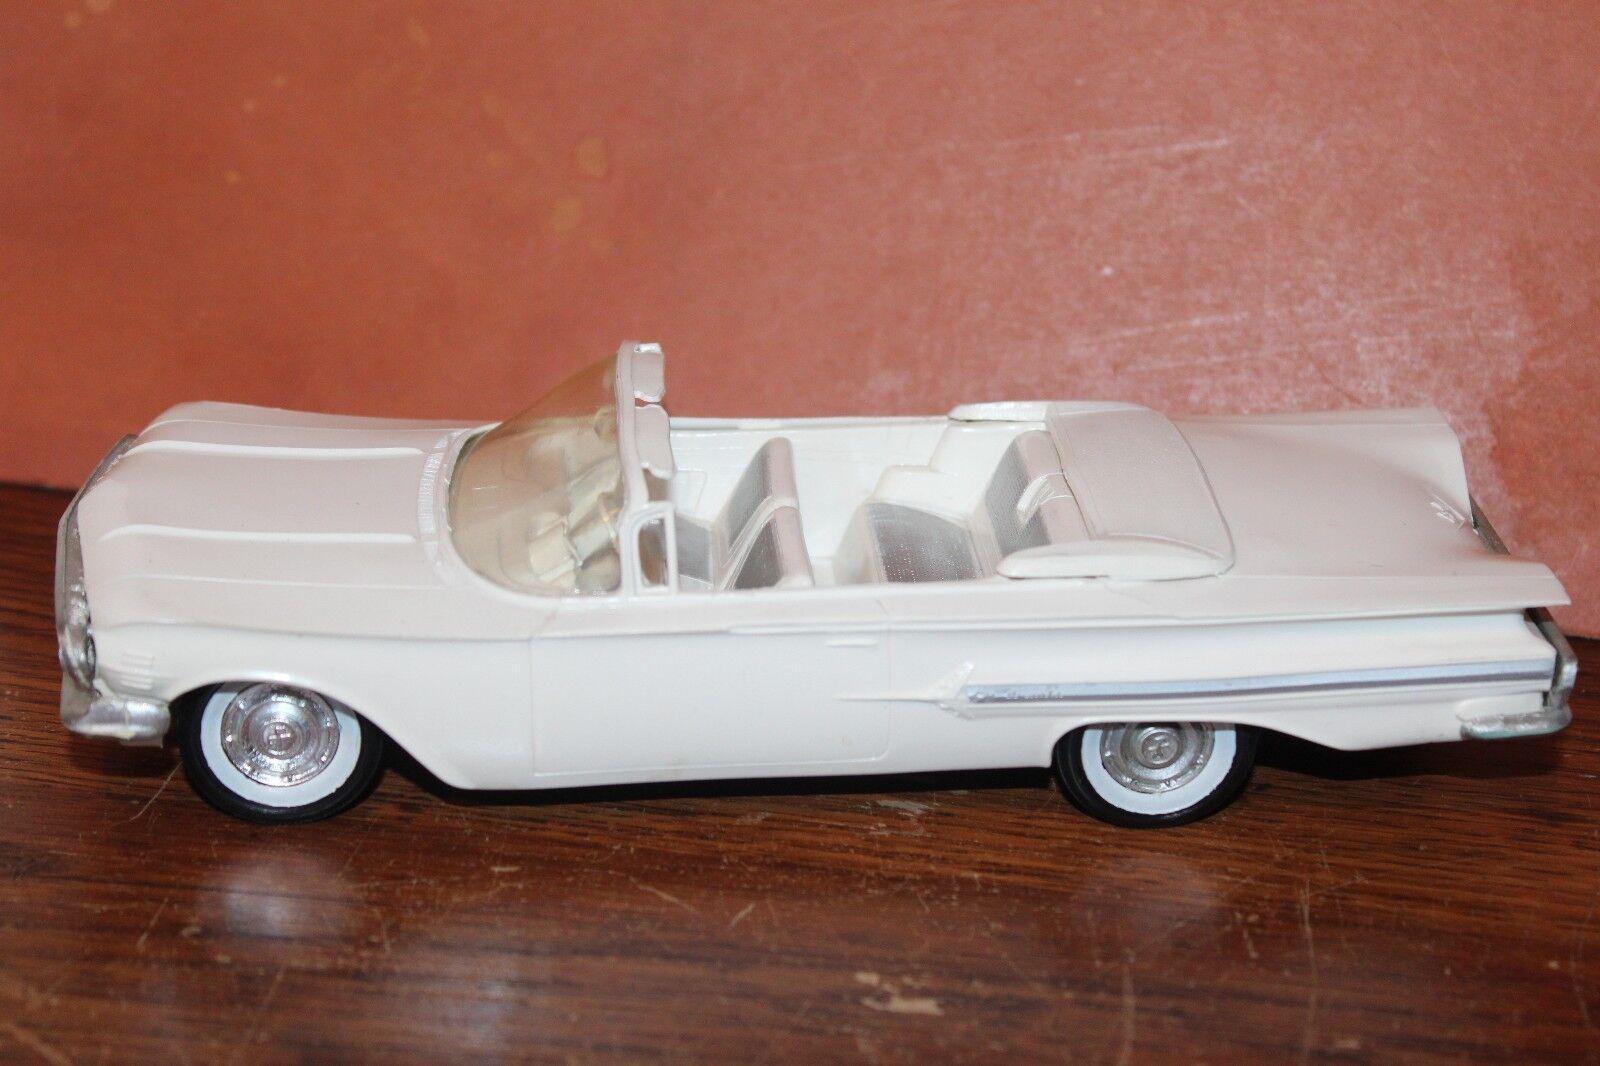 Buen Estado SMP 1960 Chevrolet Impala Converdeible Fricción Funcionan con Altos